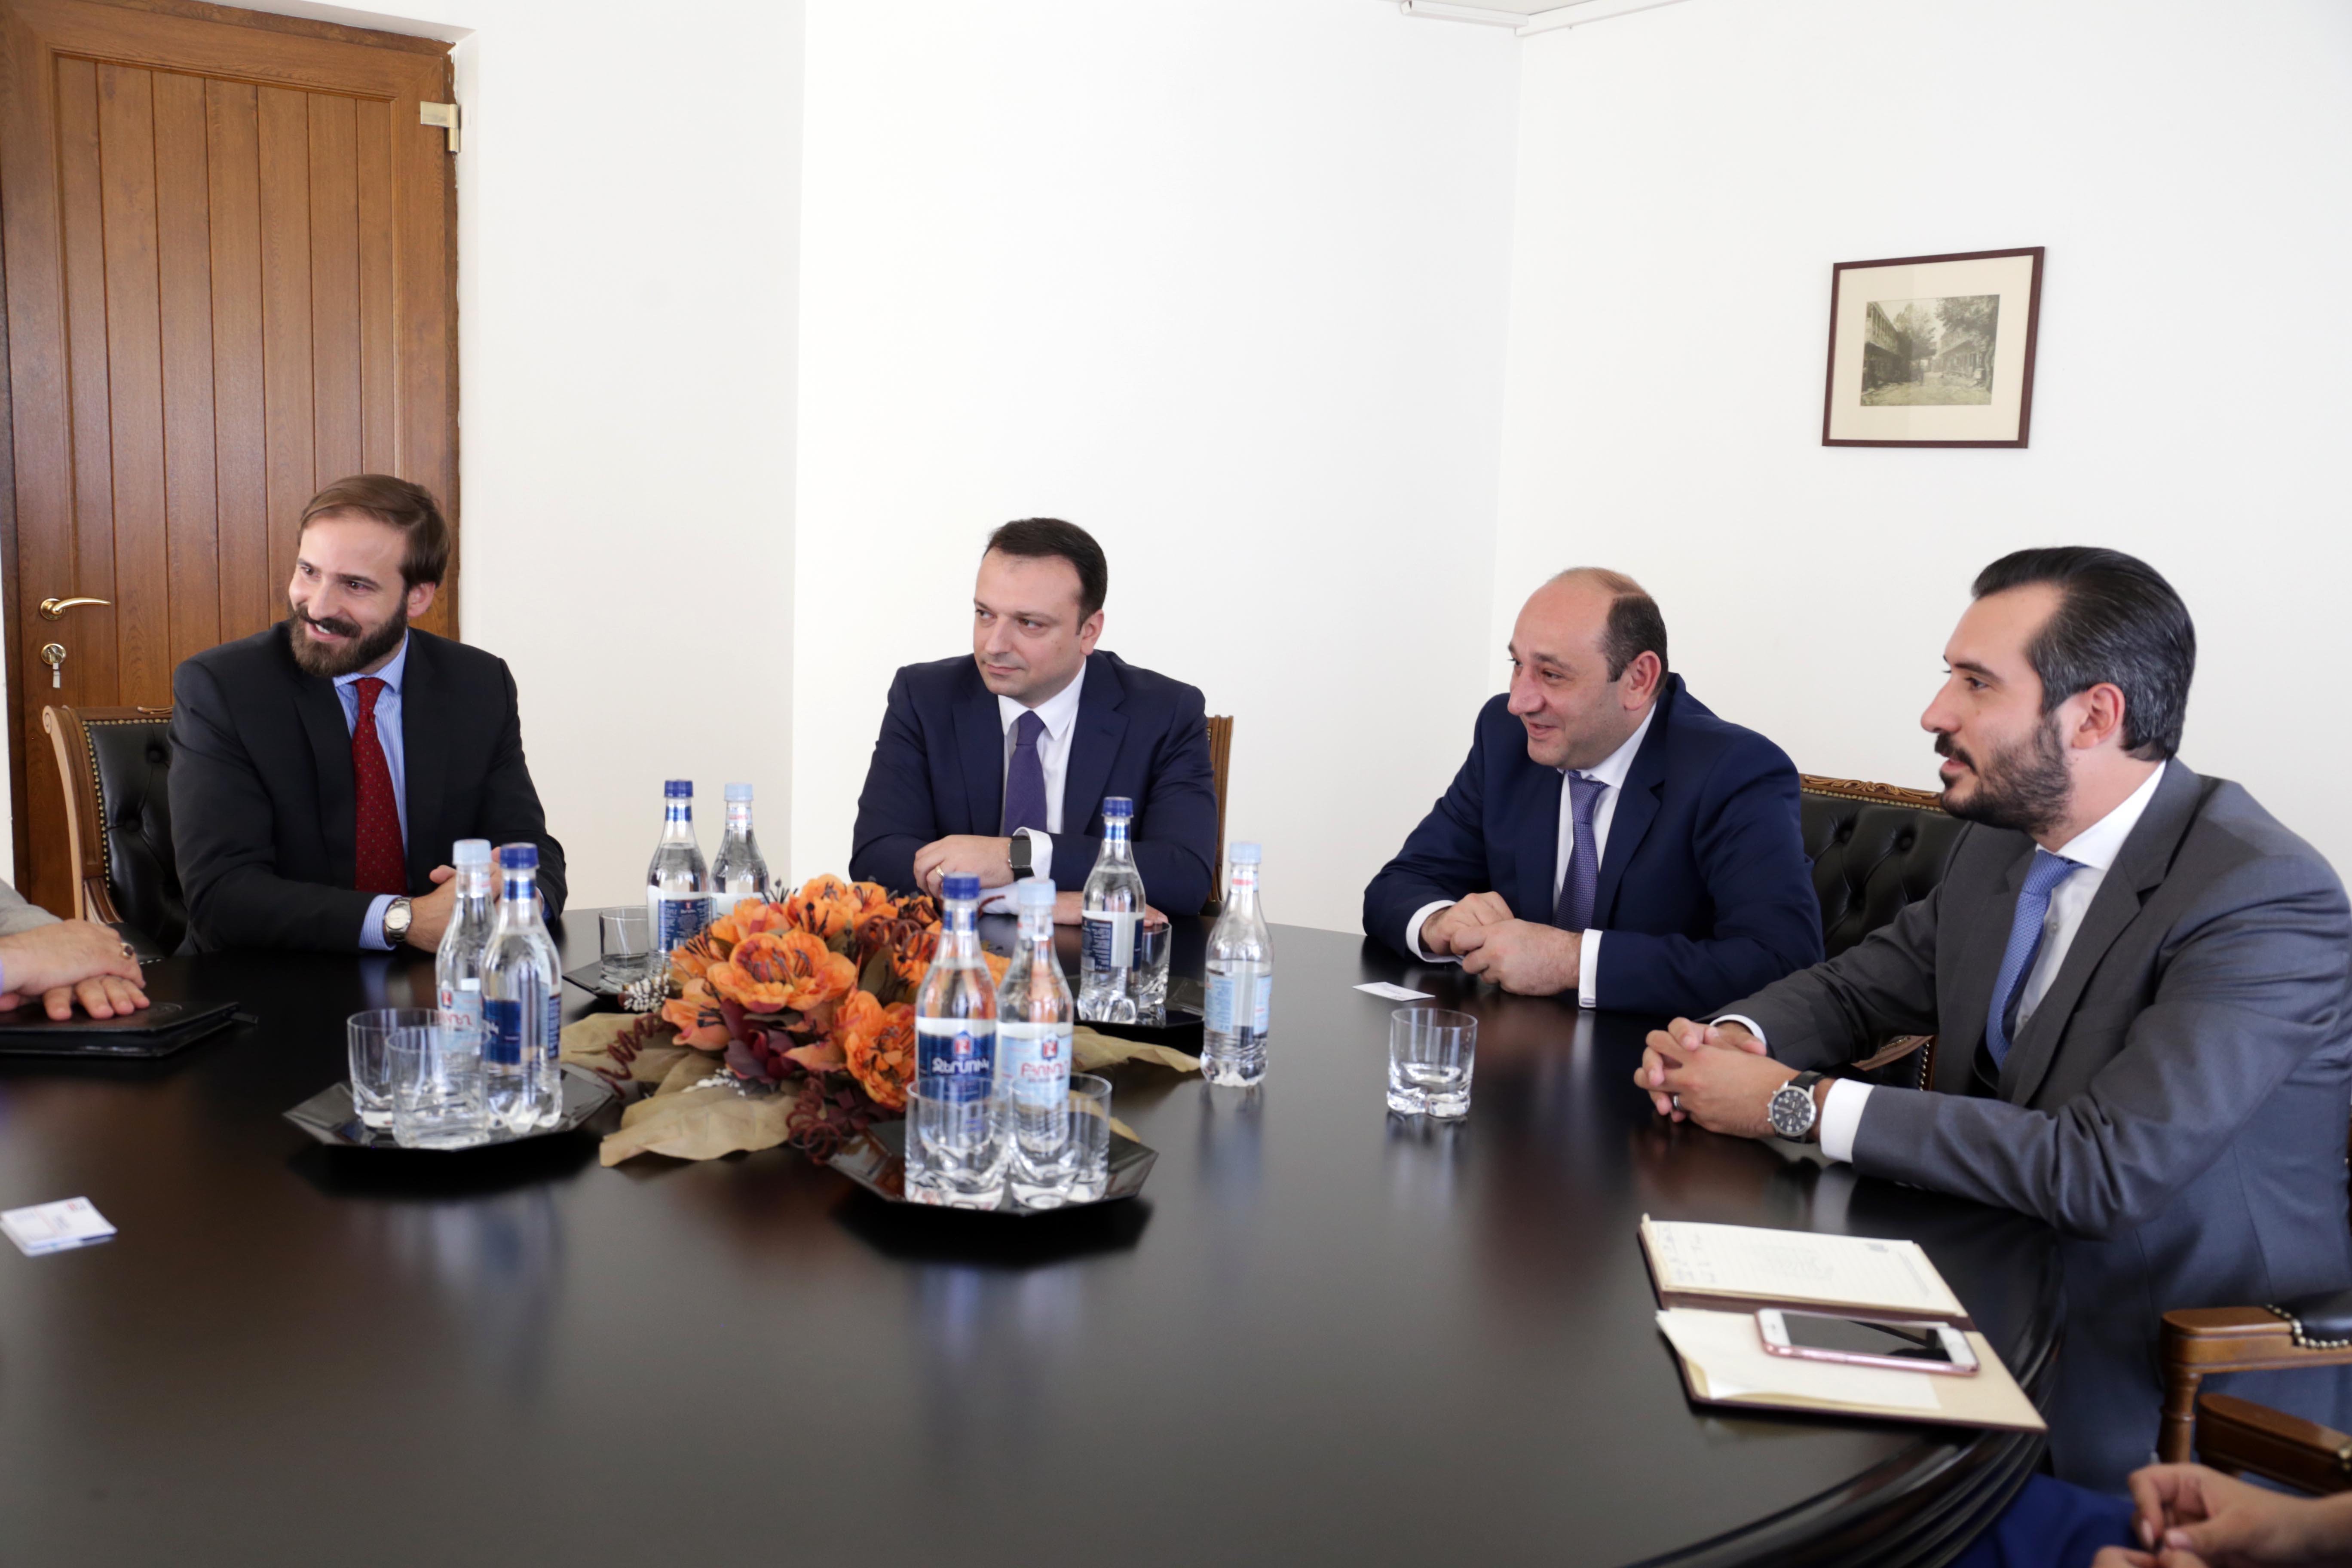 Իտալական IDS տեխնոլոգիական ընկերությունը մինչև 10 մլն եվրո կներդնի Հայաստանում